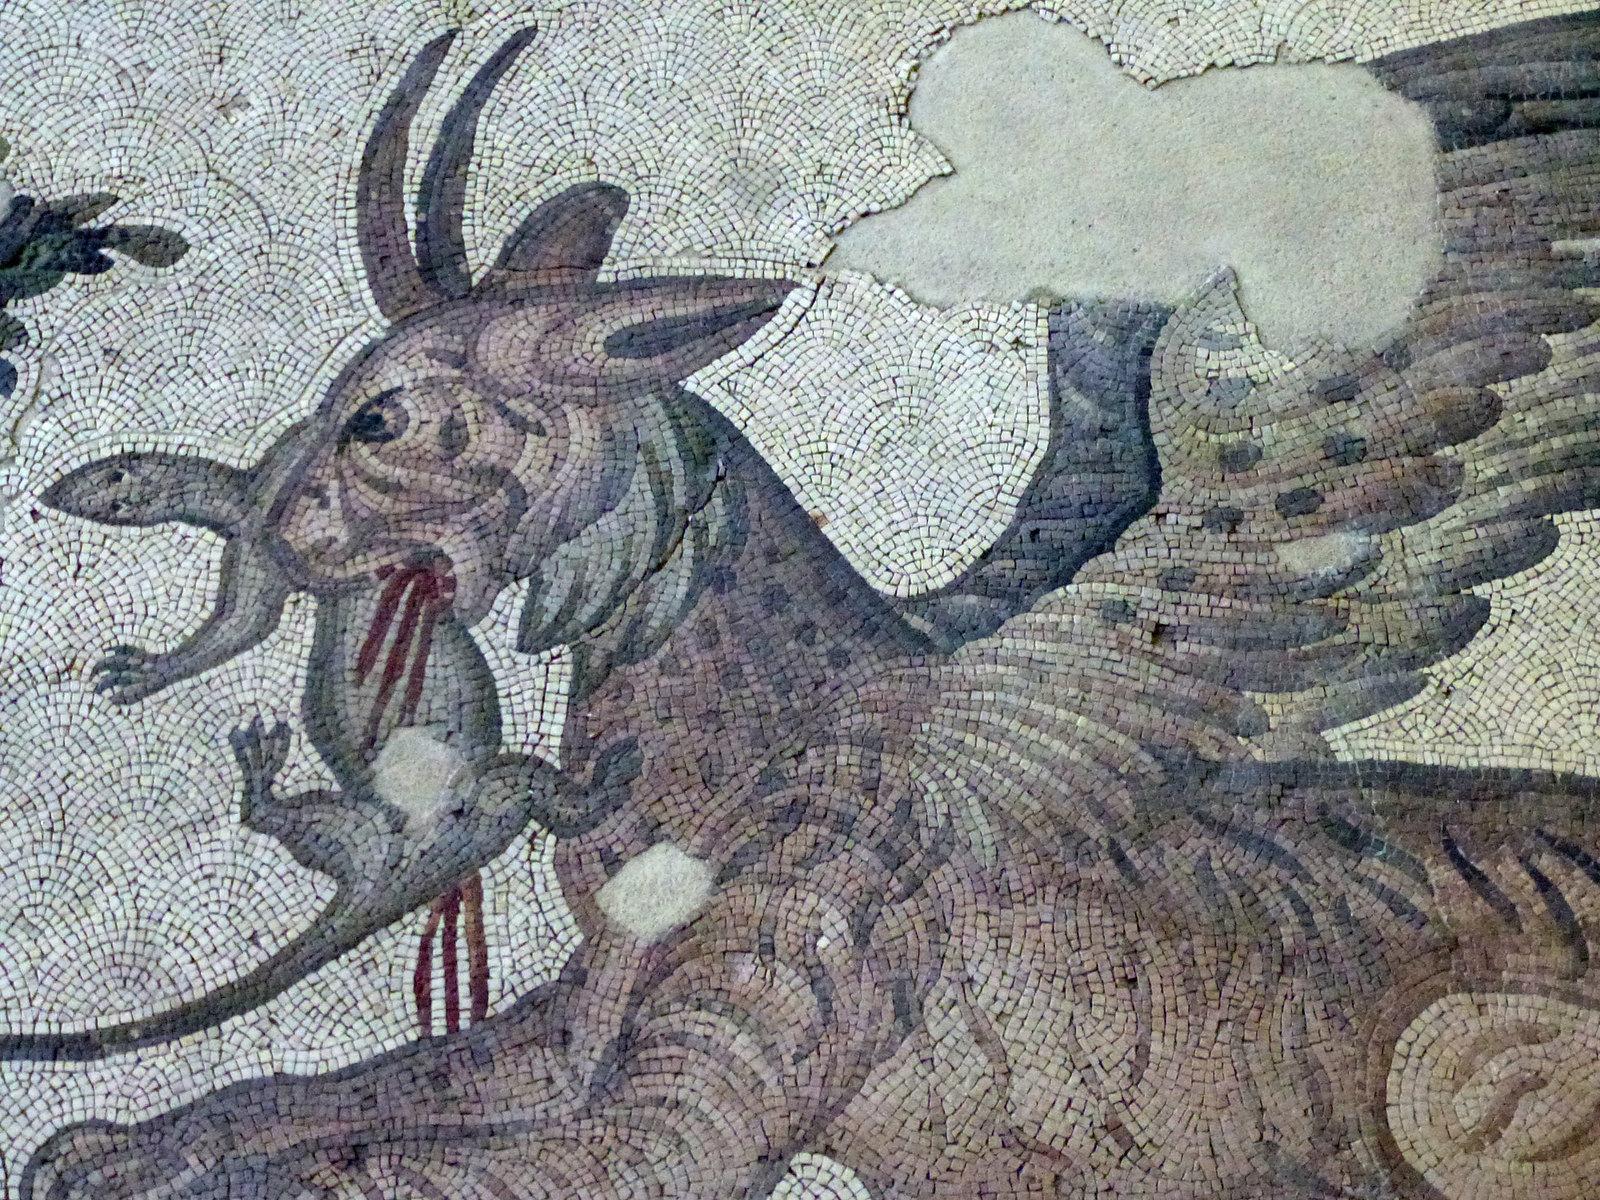 Turquie - jour 24 - Derniers instants à Istanbul - 39 - Musée des mosaïques du Grand Palais de Constantin - Büyük Saray Mozaikleri Müzesi